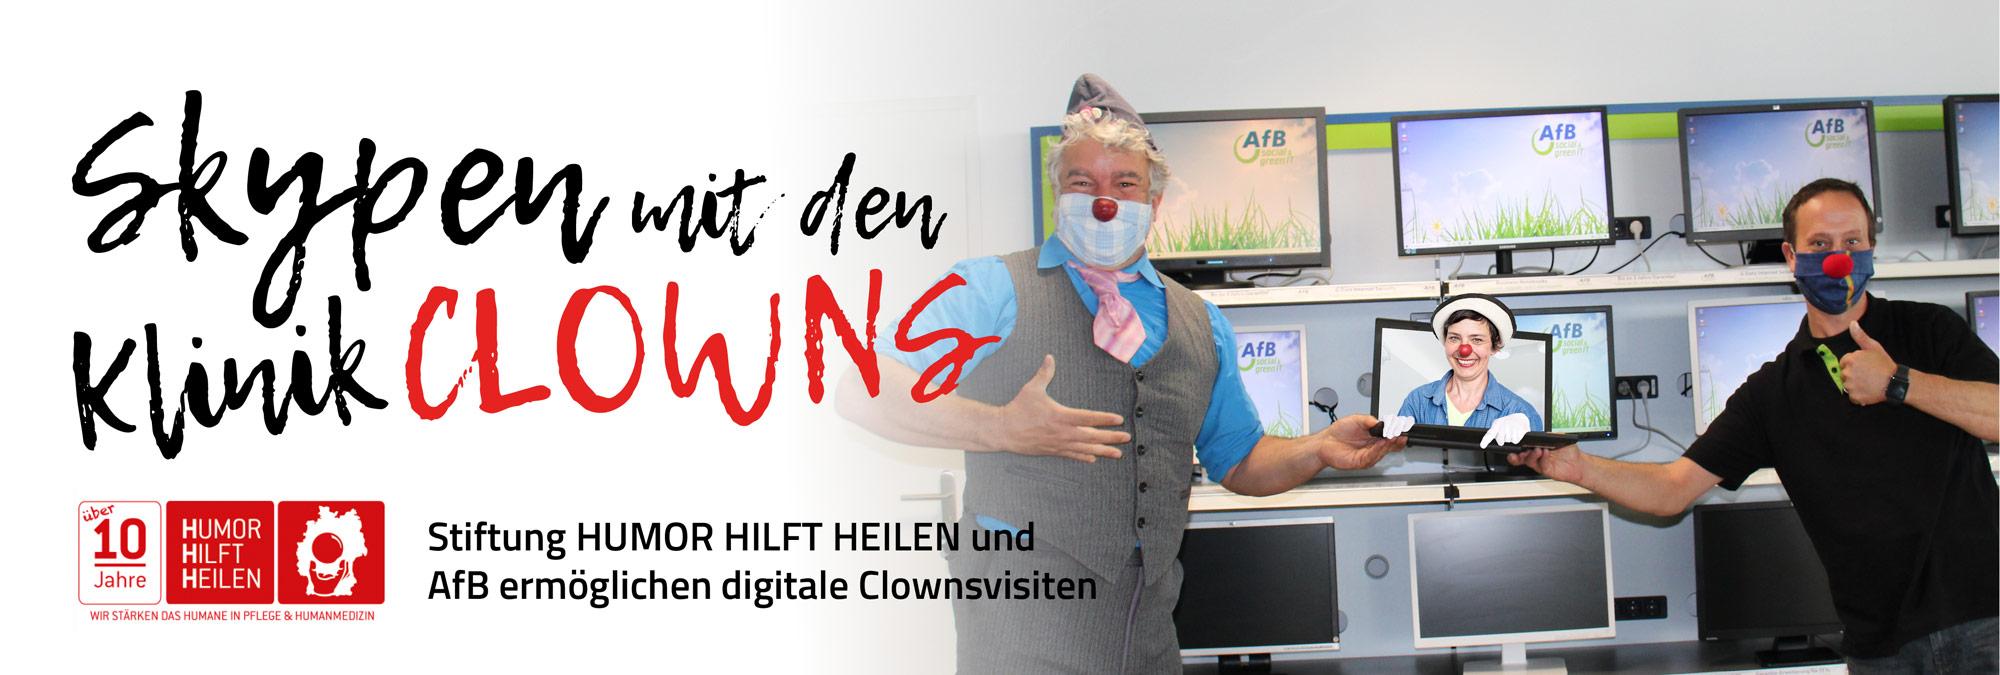 Stiftung HUMOR HILFT HEILEN und AfB ermöglichen digitale Clownsvisiten. Übergabe im Ettlinger AfB Shop.